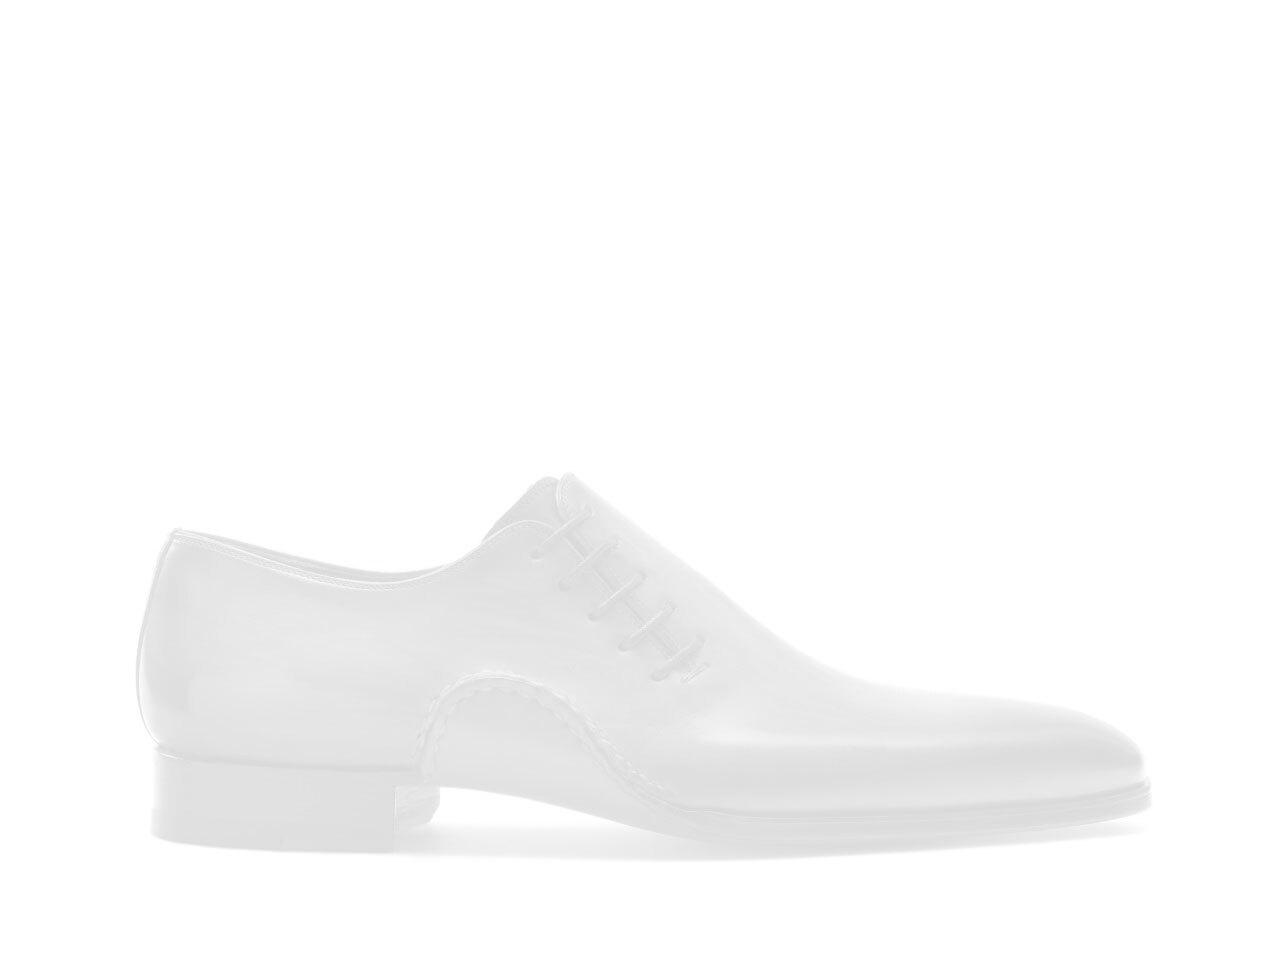 Pair of the Magnanni Bolo Cognac Men's Oxford Shoes